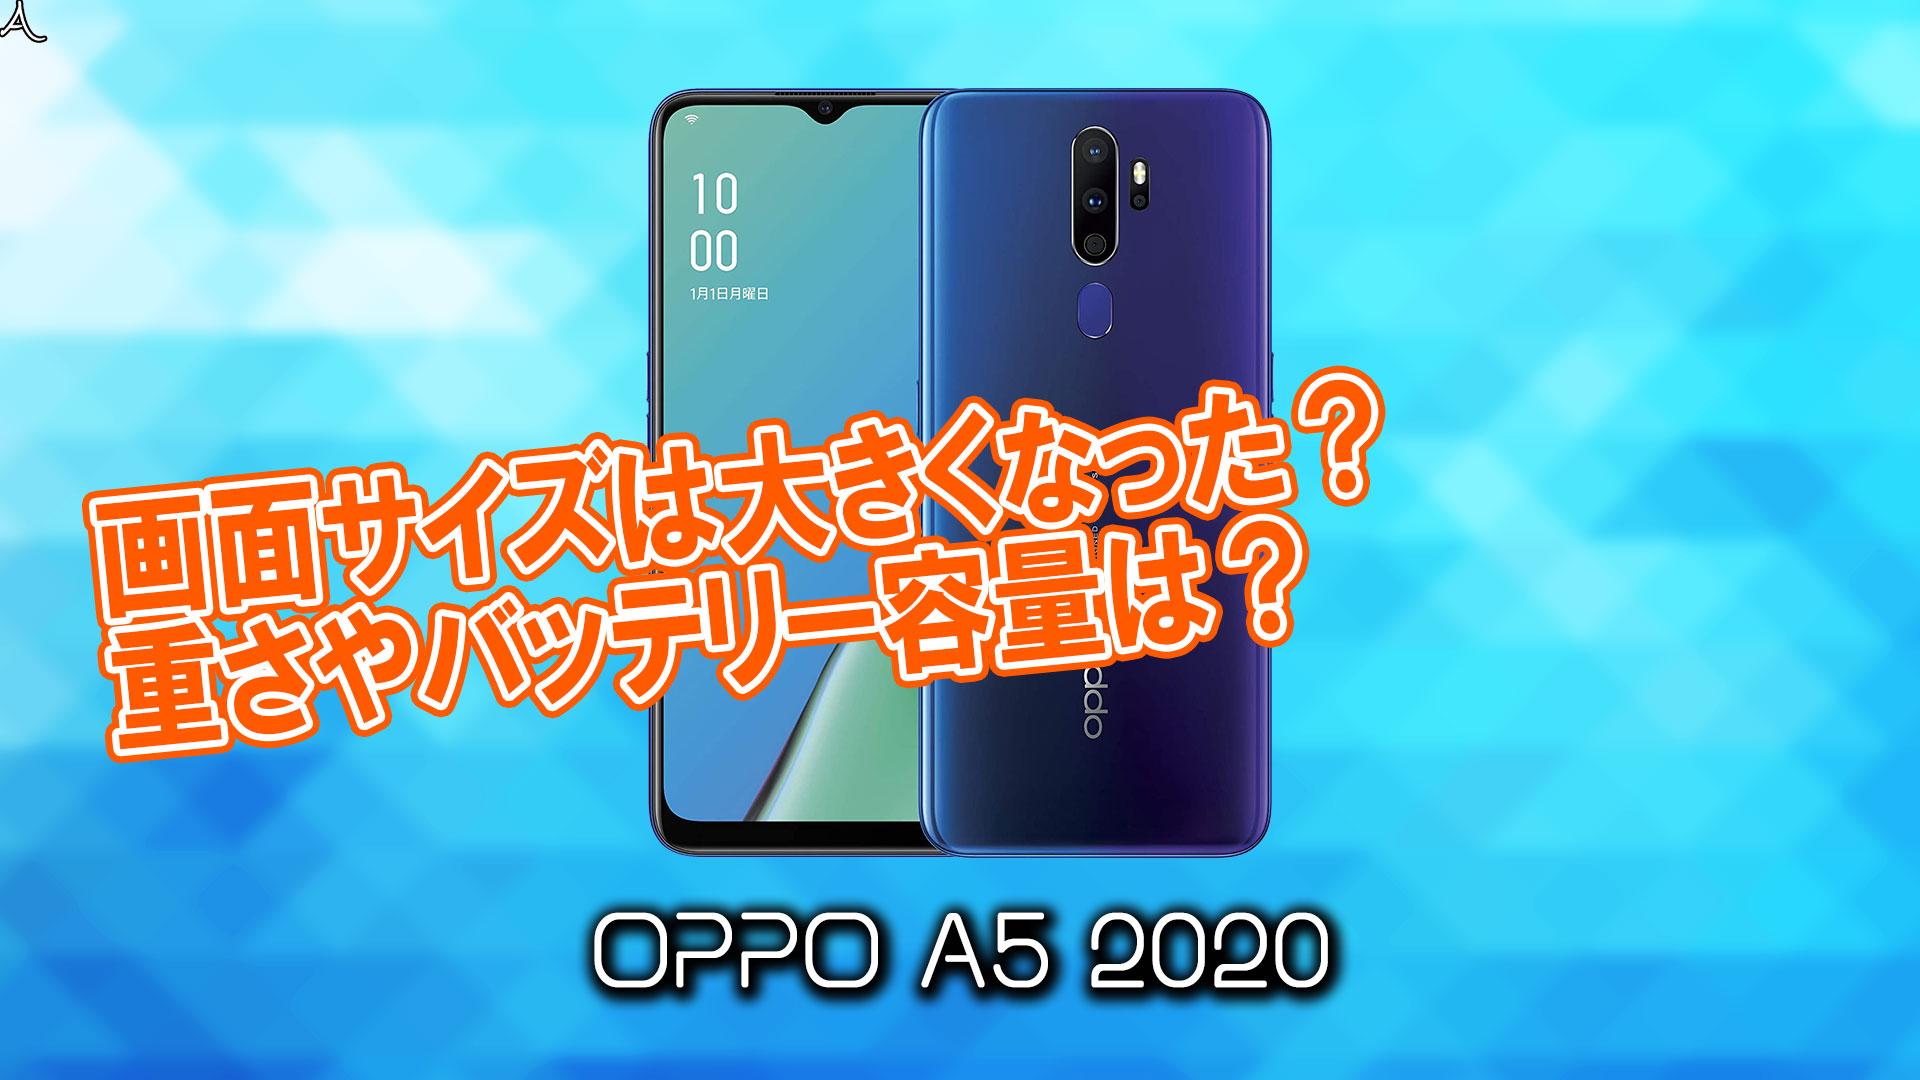 「OPPO A5 2020」のサイズや重さを他のスマホと細かく比較